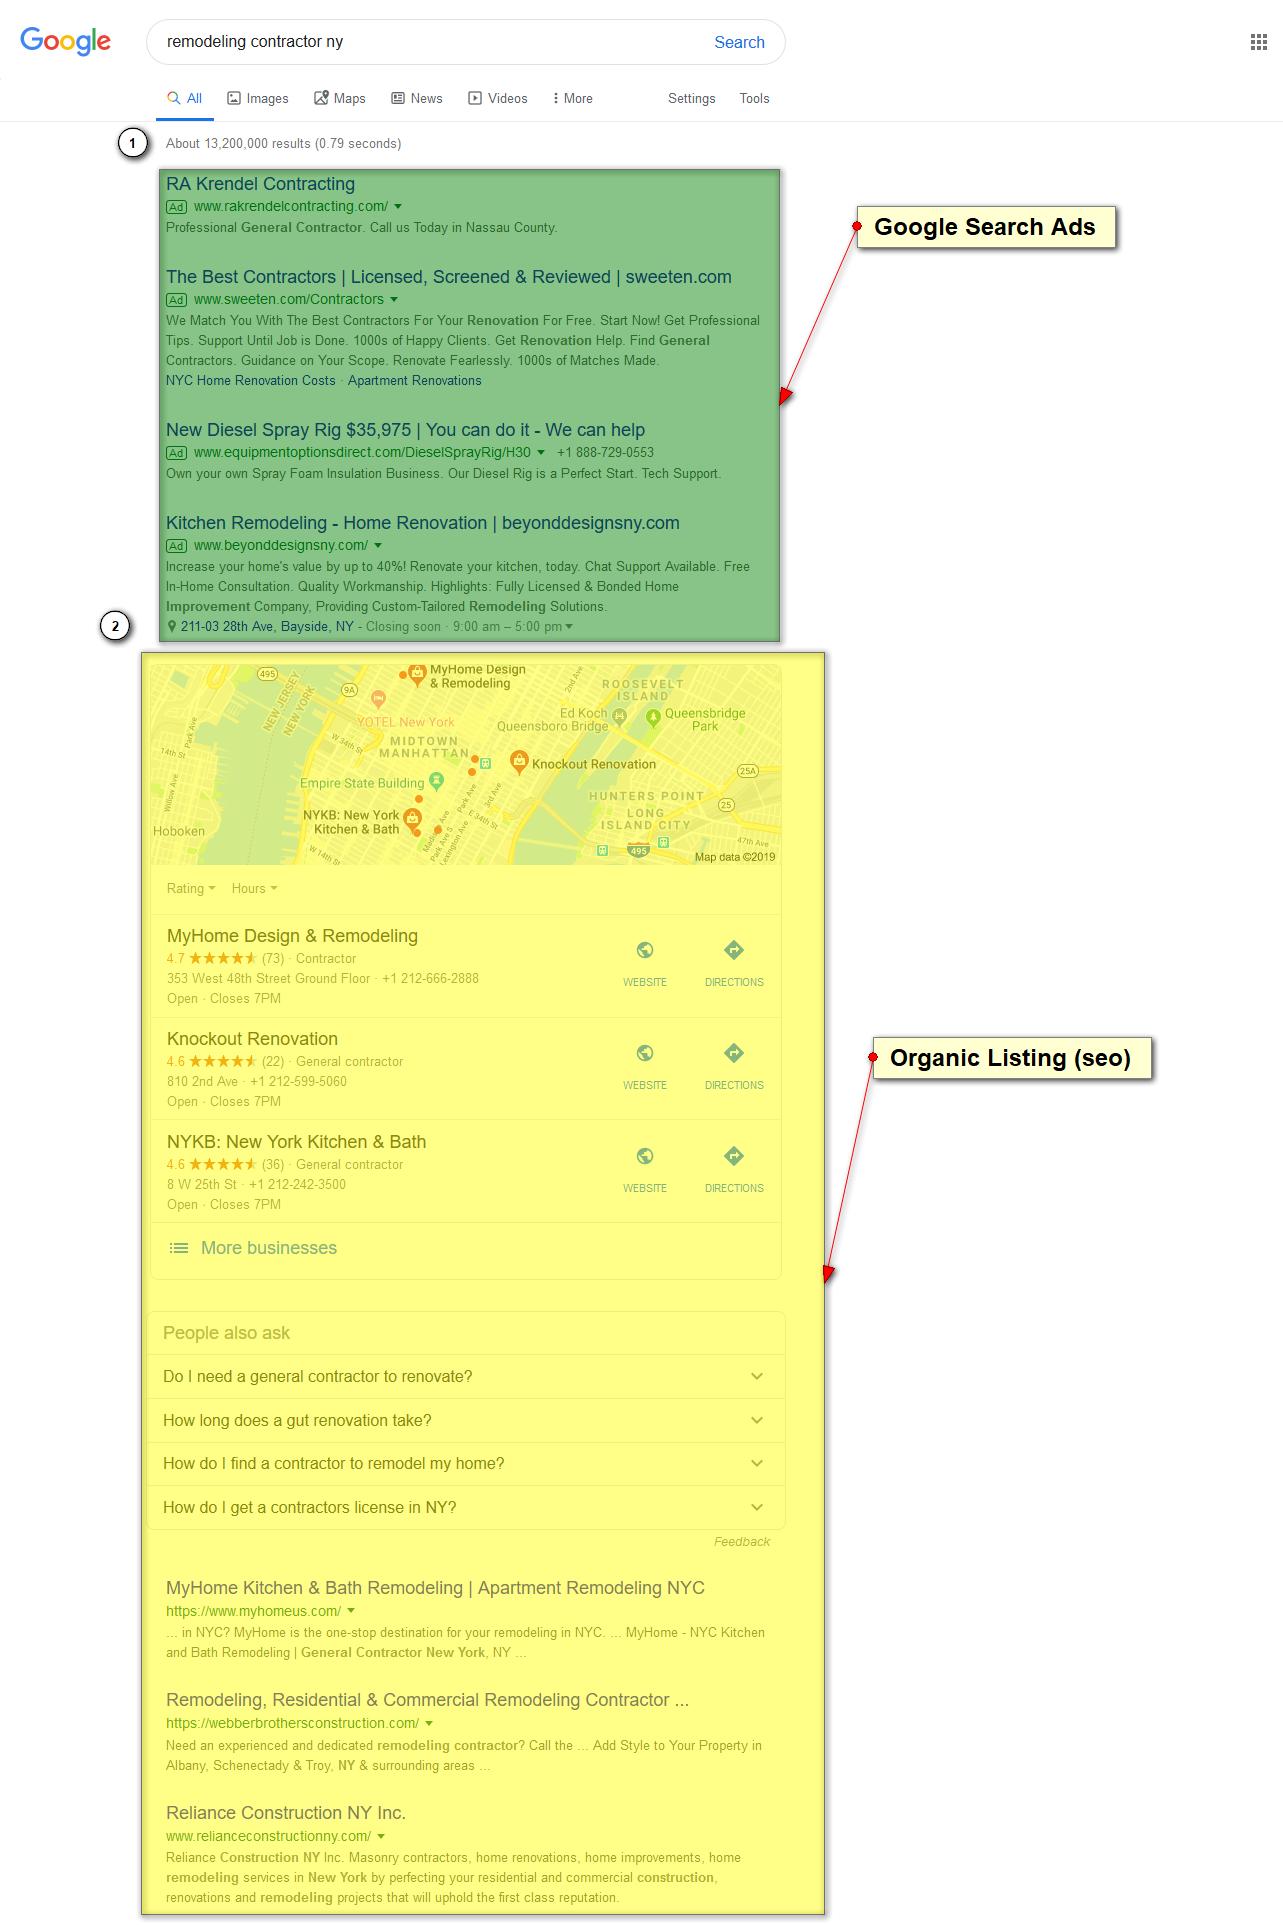 seo vs google search ads